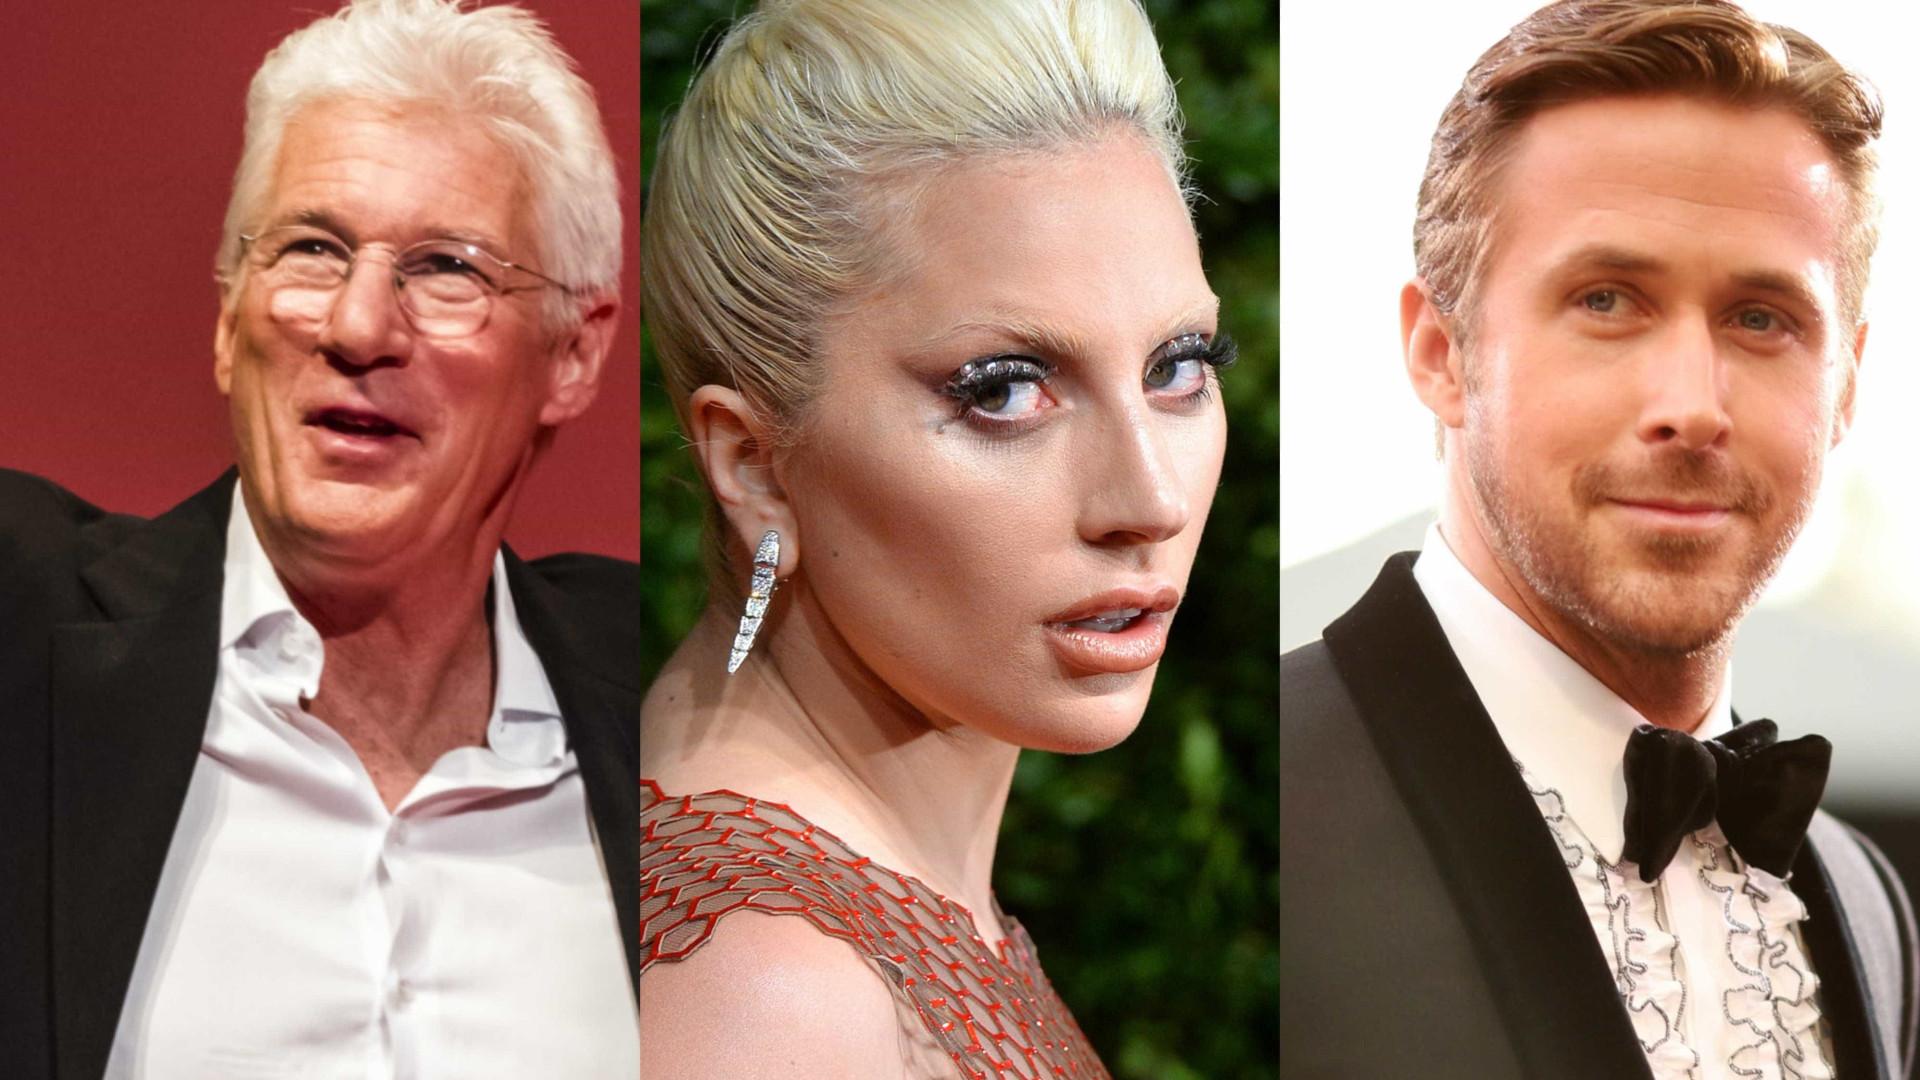 Sabia que estes famosos são donos de restaurantes?